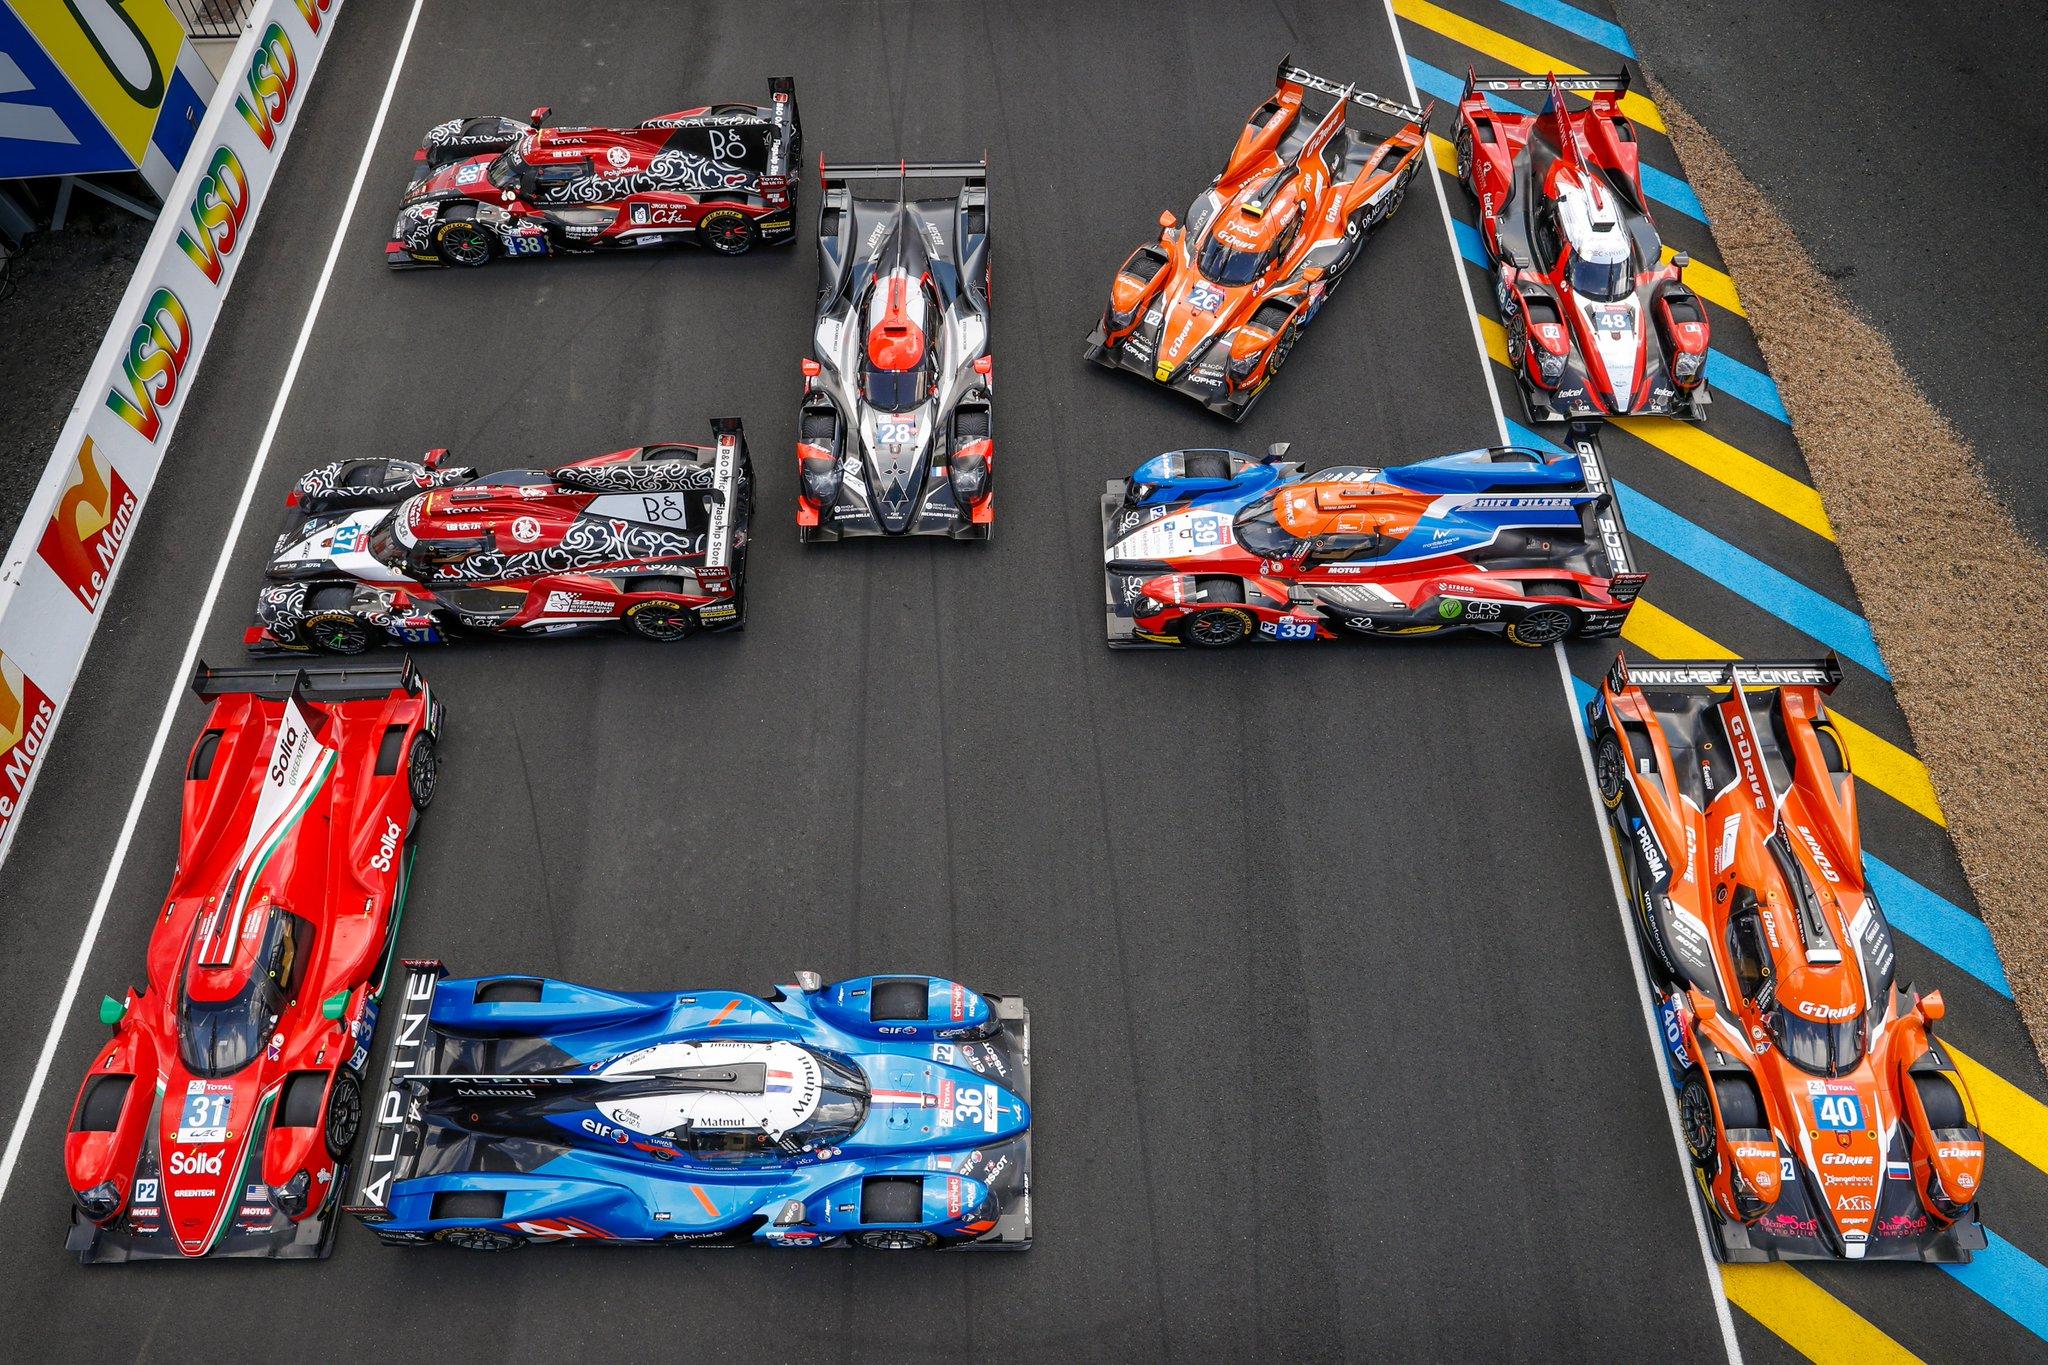 Sébastien Buemi partira en pole position - Autres